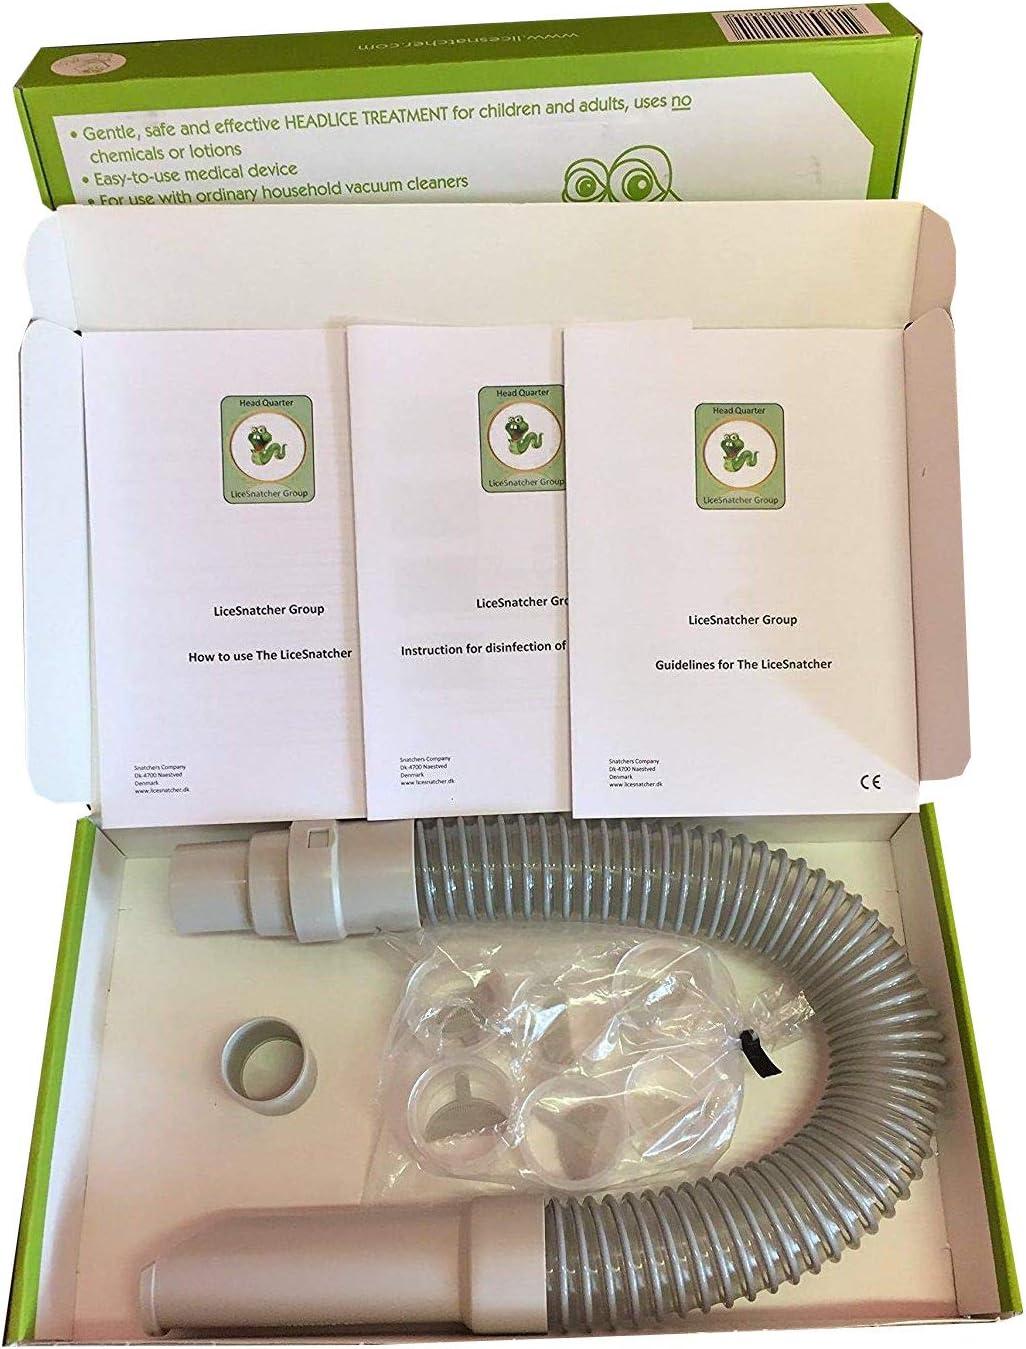 licesnatcher- aspirador de POUX breveté, Natural para dispositivo médico de Clase 1. 6 Recambios gratuitos.: Amazon.es: Salud y cuidado personal